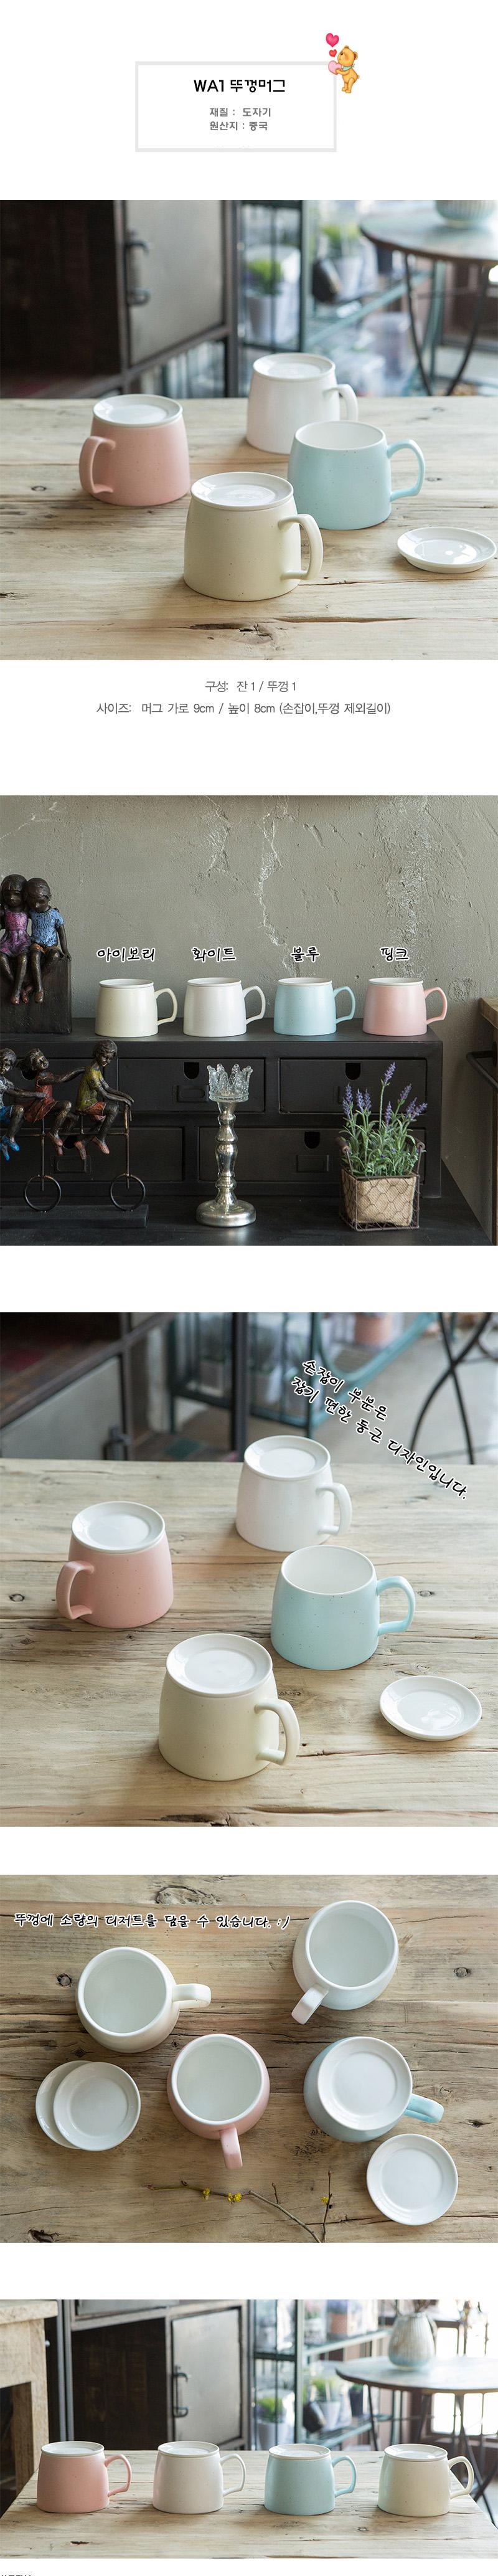 WA1 뚜껑머그잔 (4 color) - 나린아토, 11,700원, 머그컵, 심플머그